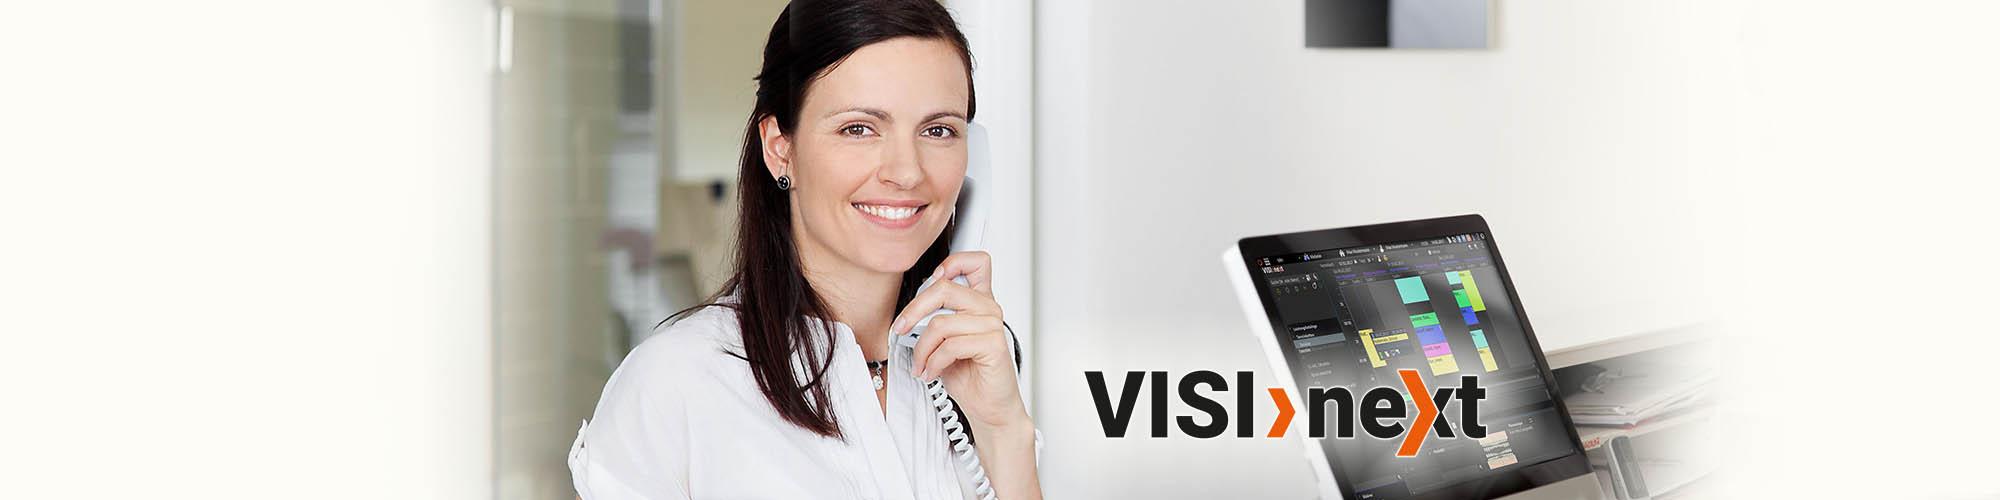 VISInext für Praxismanagerin - Terminbuch - BDV Branchen-Daten-Verarbeitung GmbH